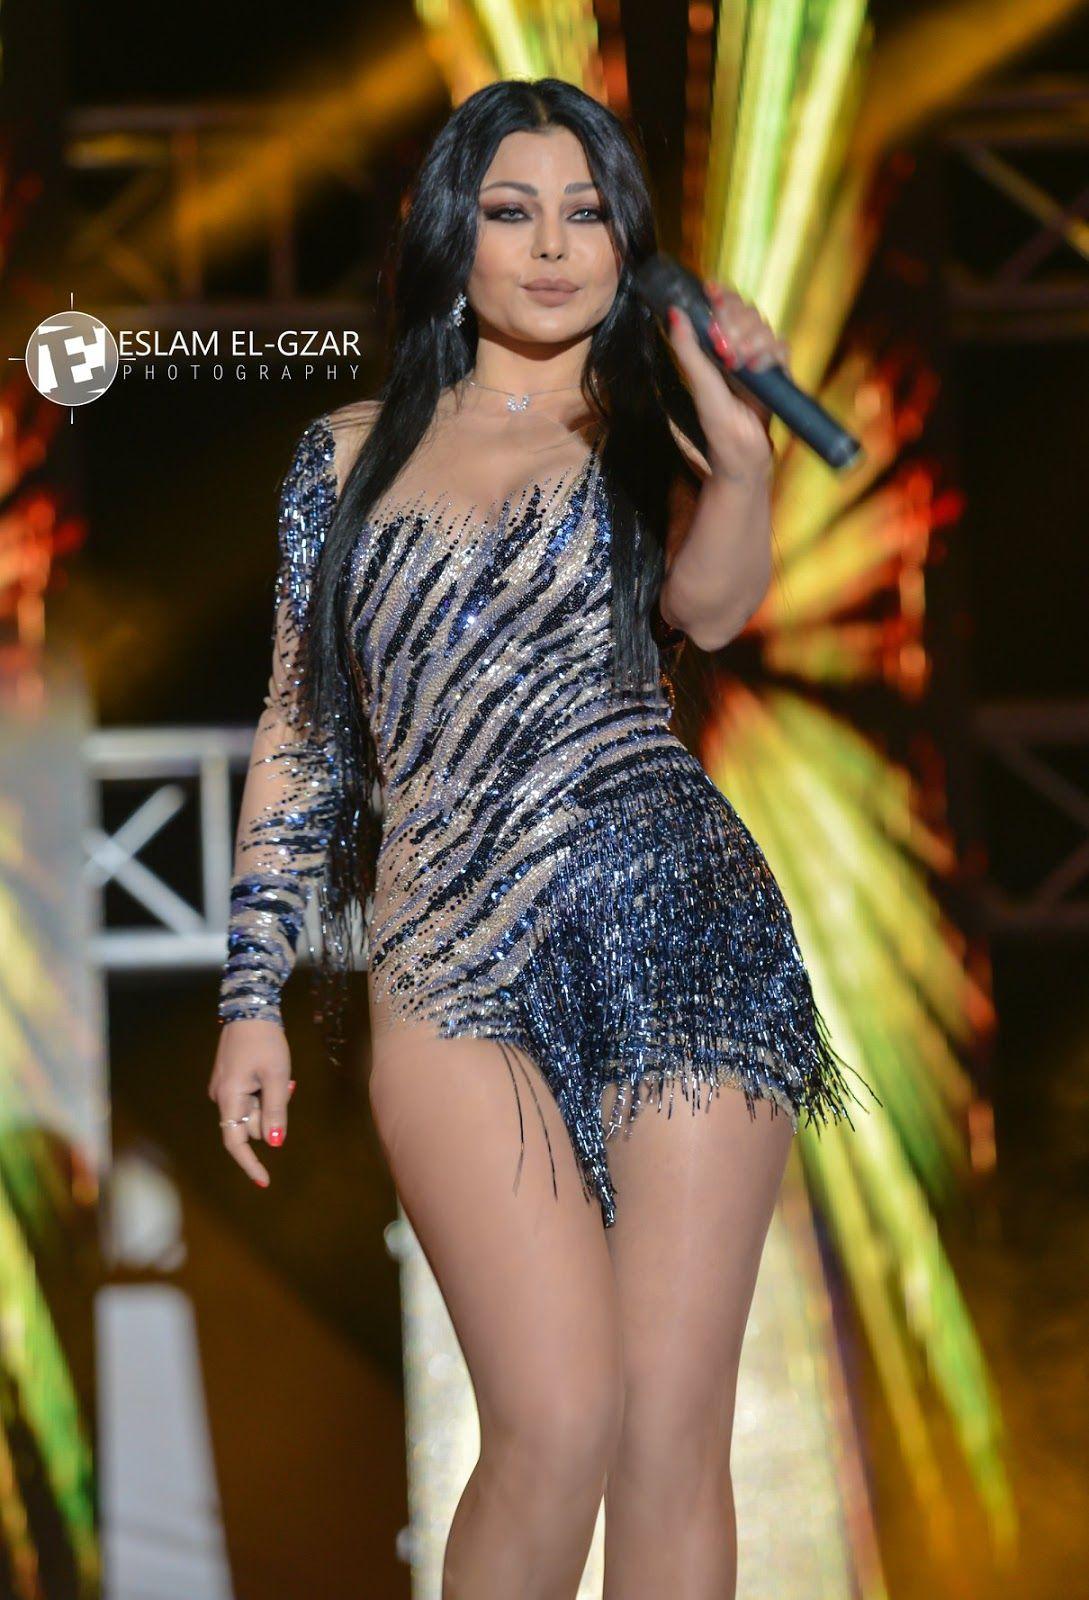 صور هيفاء وهبي بفستان عاري يكشف جسمها ساخنة مثيرة Haifa Wehbe Pretty Dresses Fashion